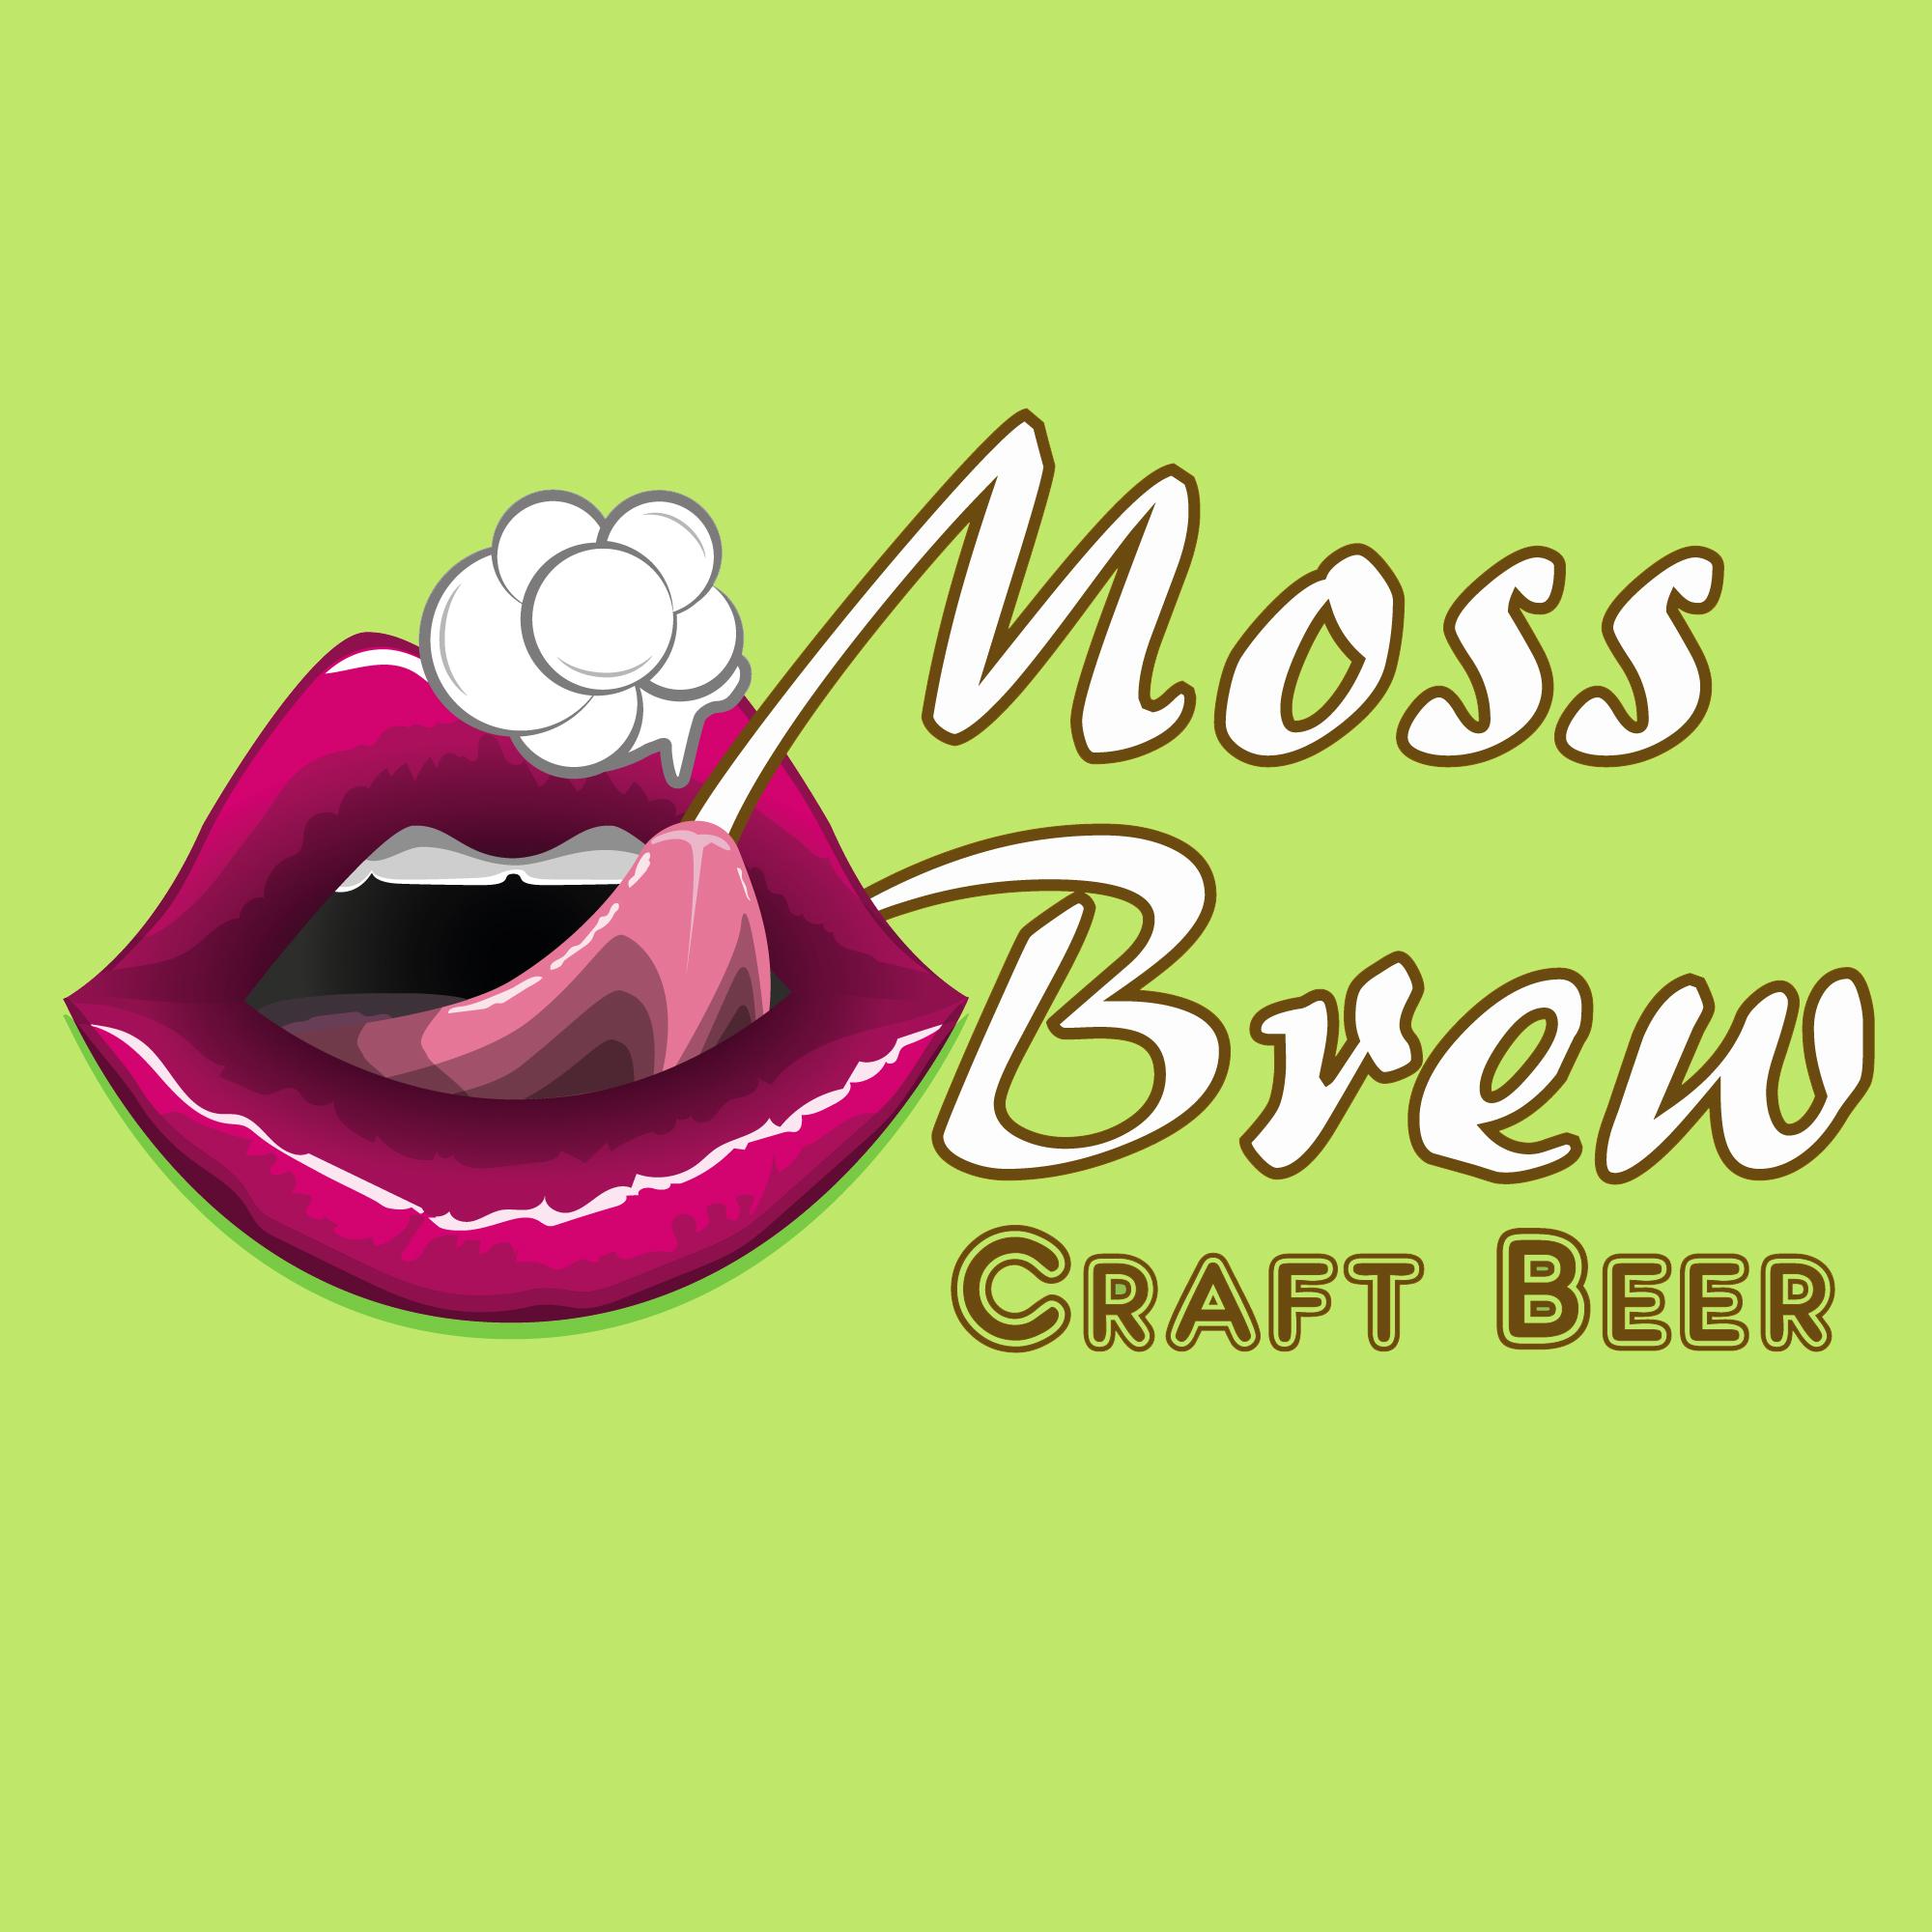 Логотип для пивоварни фото f_122598cb6164066c.jpg